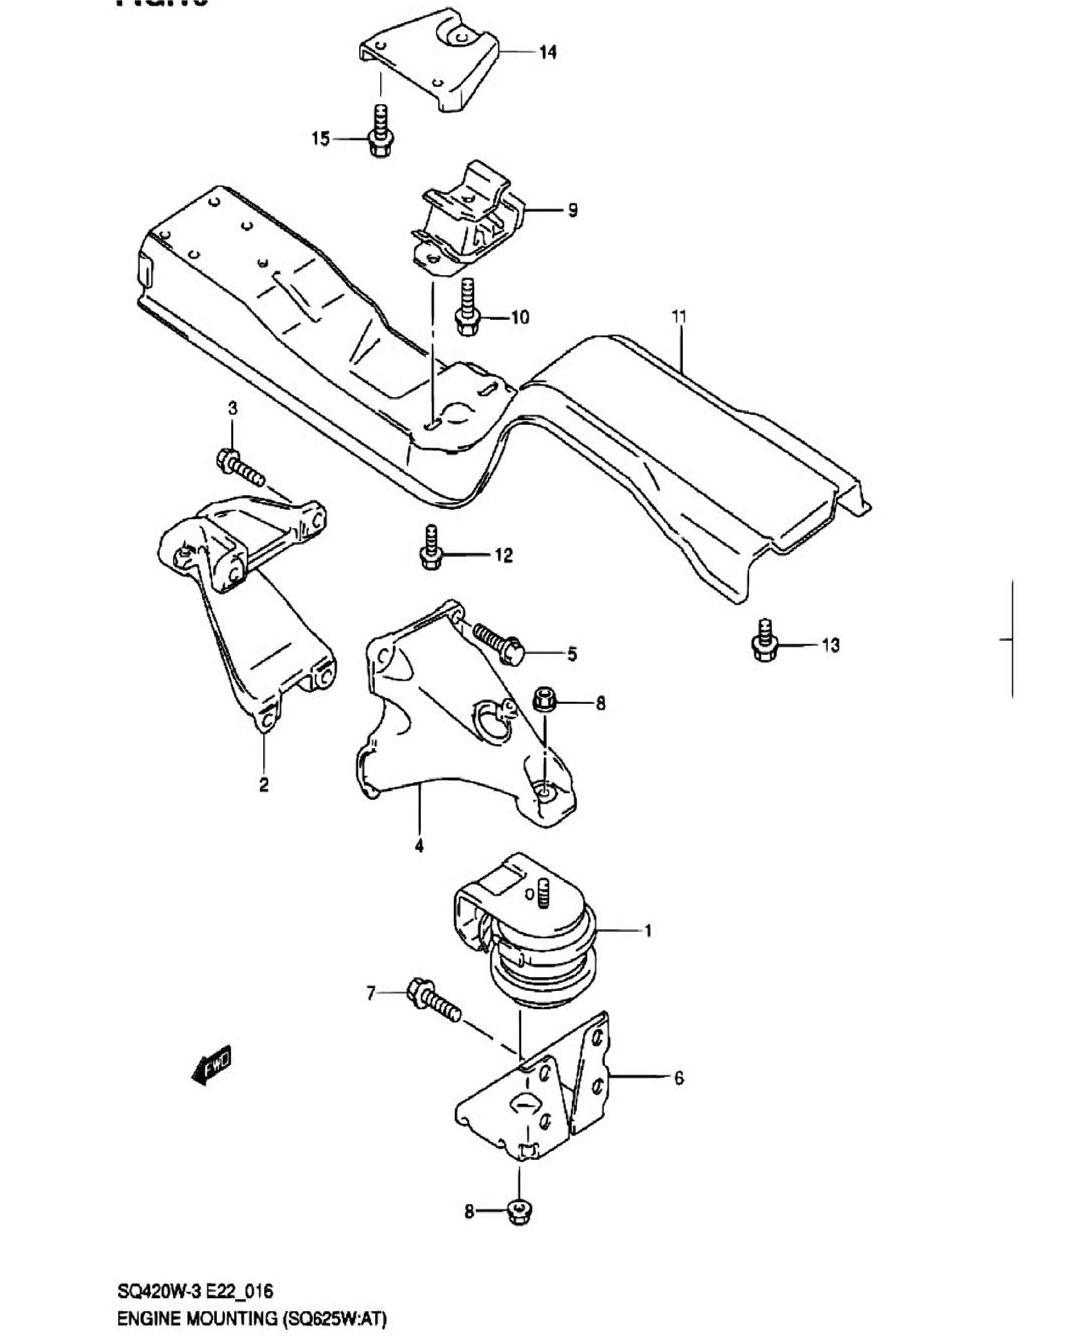 16 - Опора двигателя (SQ625W:AT)